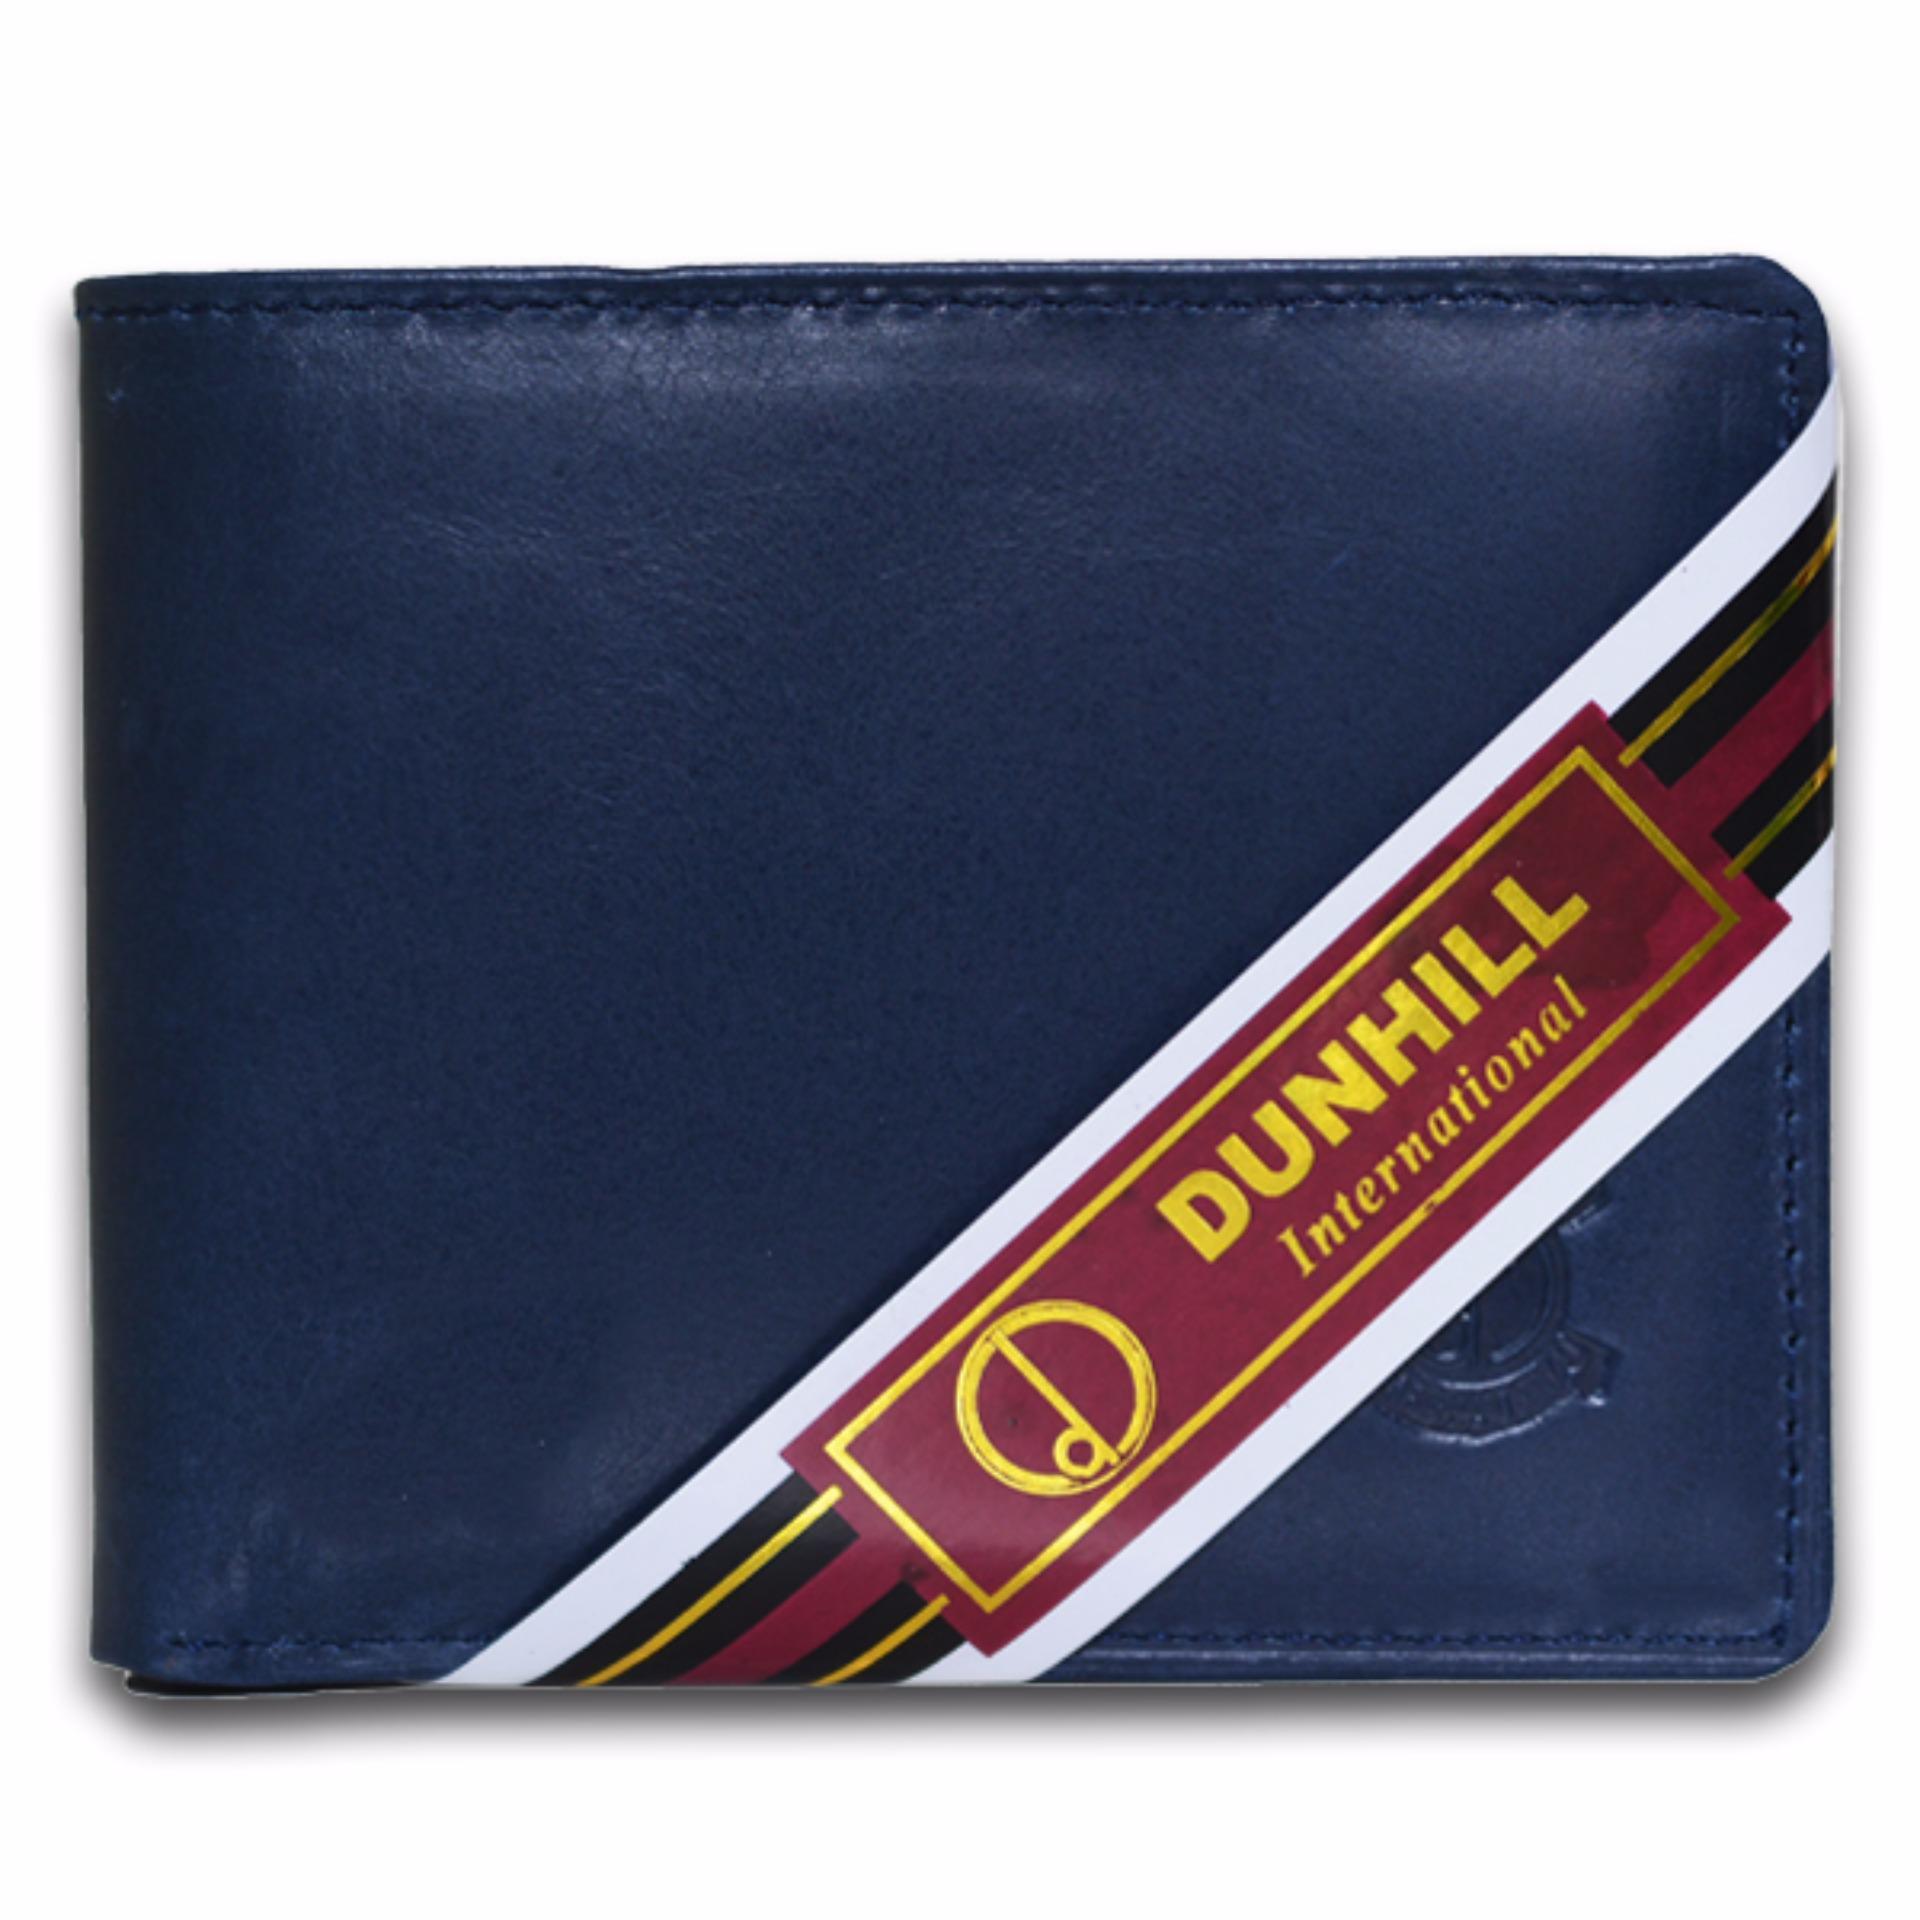 Spesifikasi Dunhill Dompet Pria Bahan Kulit 180 Biru Pull Up Dan Harganya